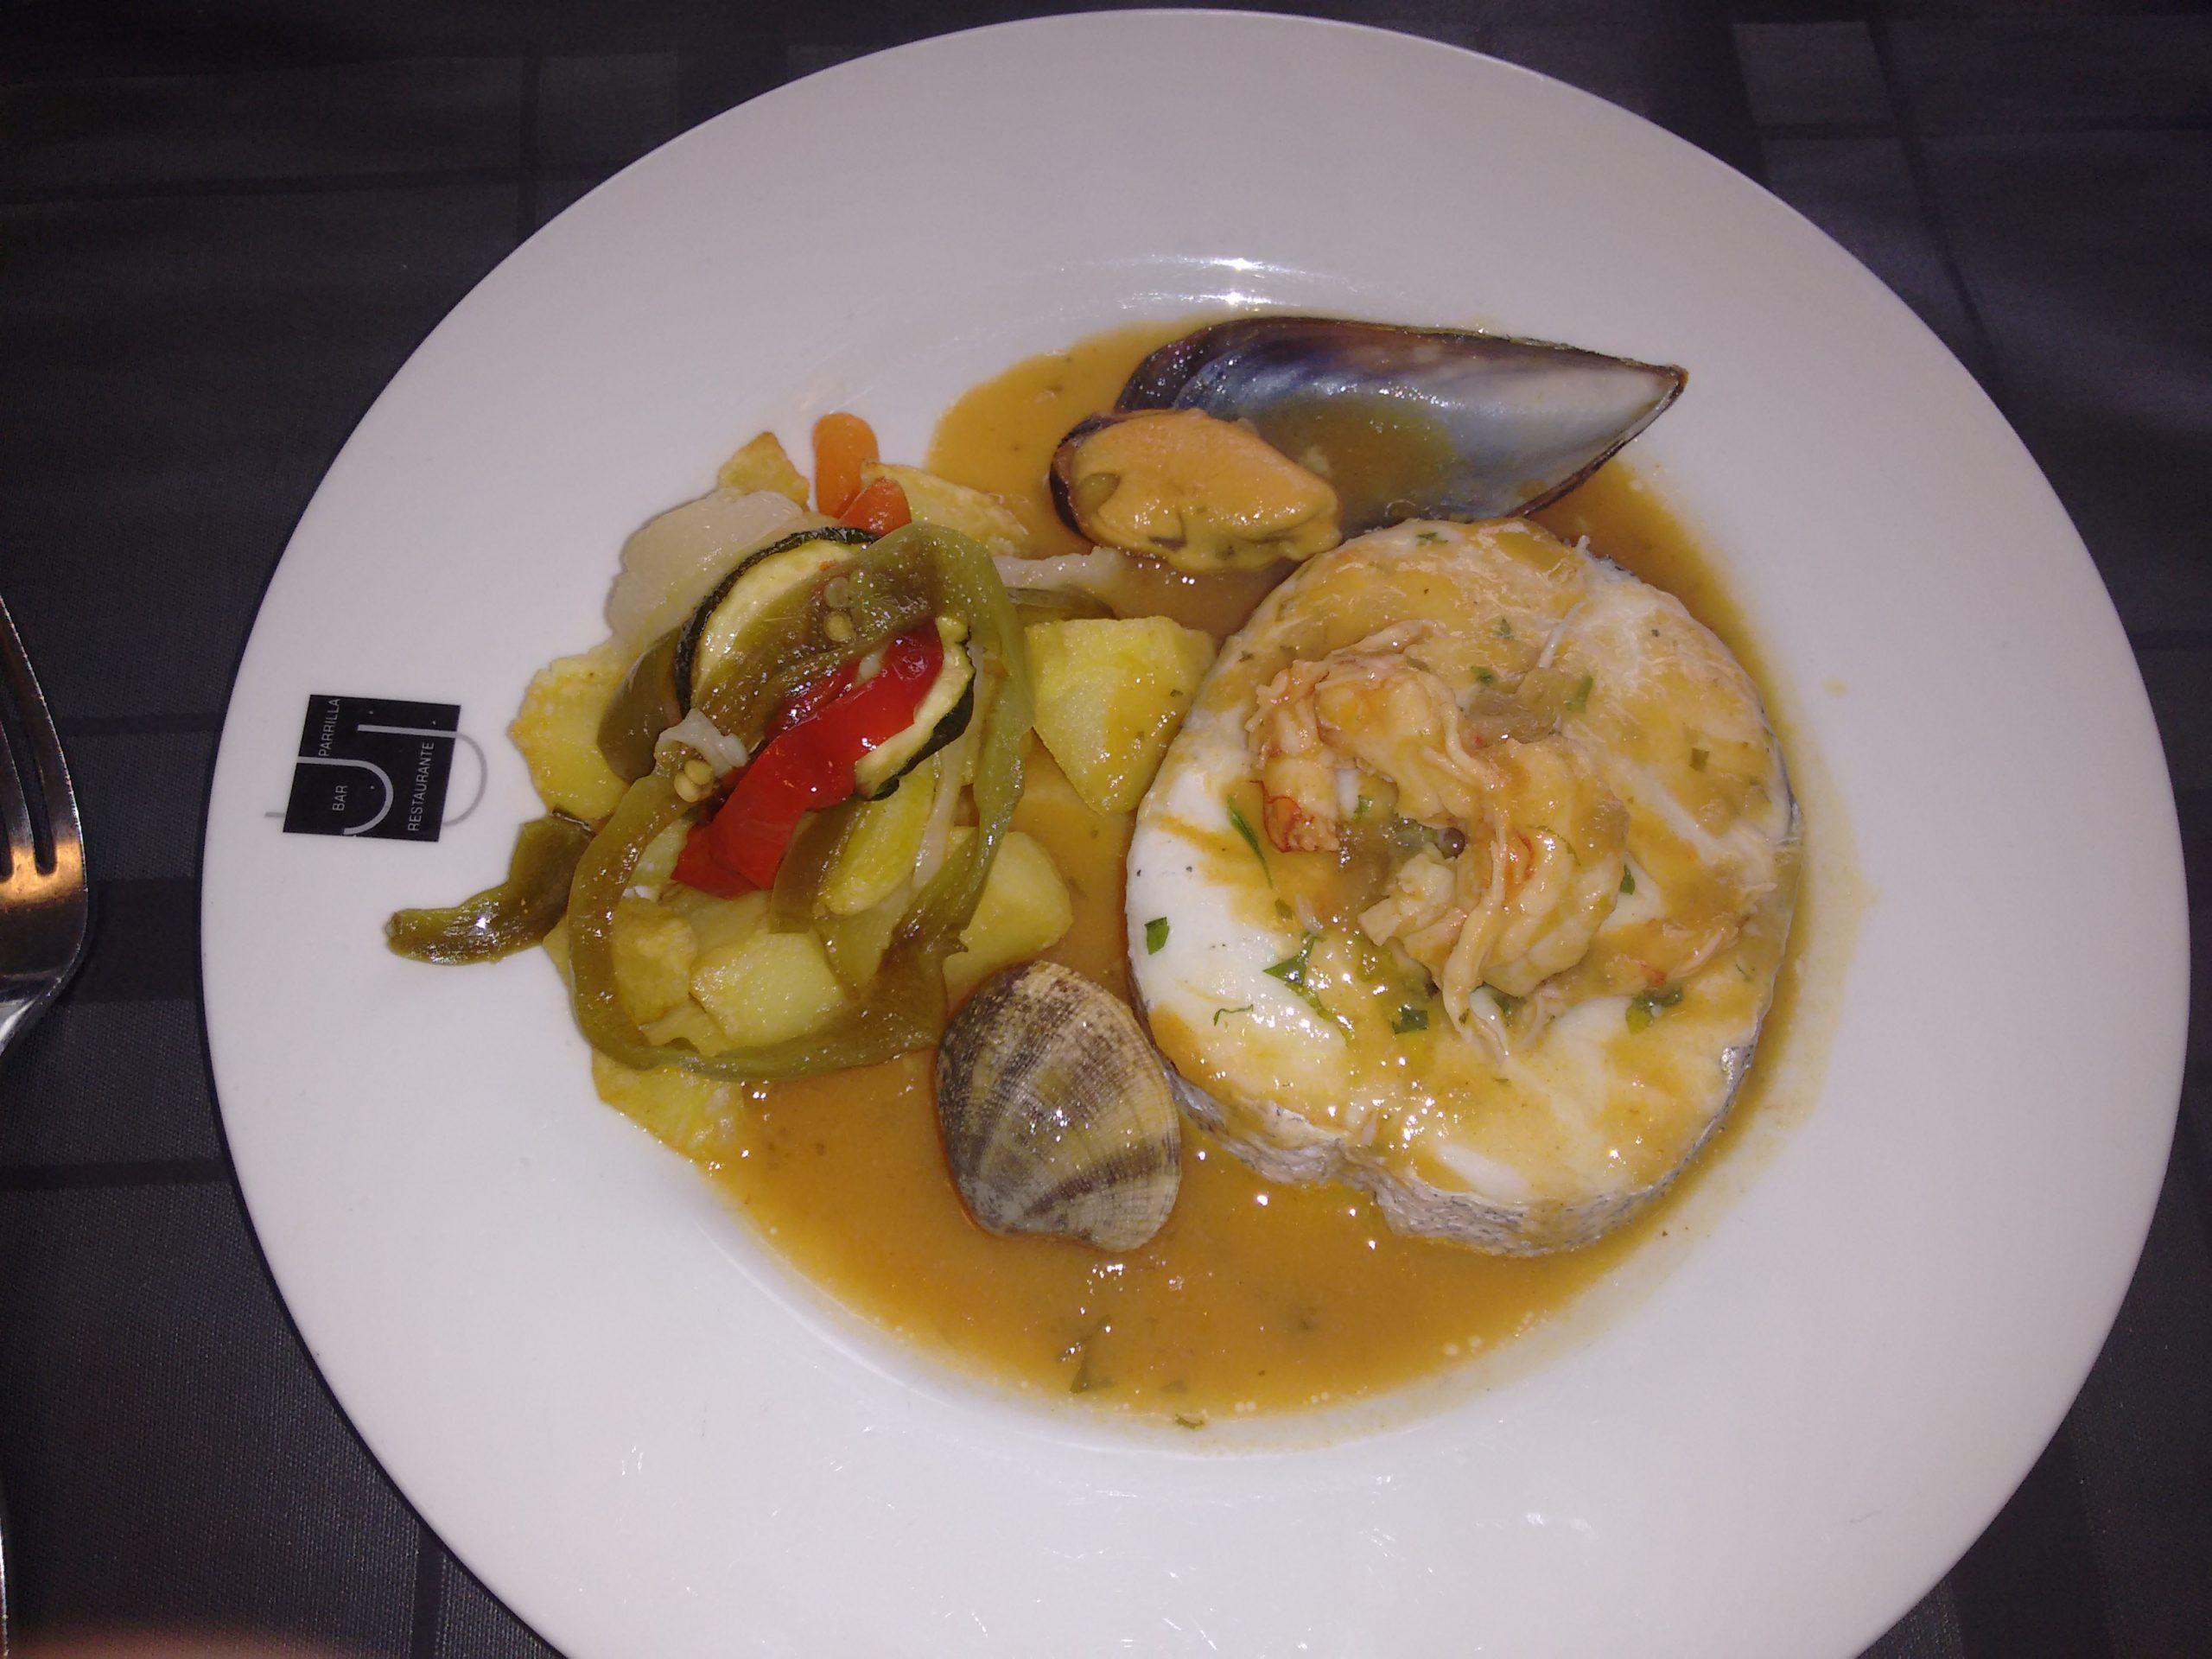 Parrilla Restaurante Jj De Llanes Un Buen Men De Fin De